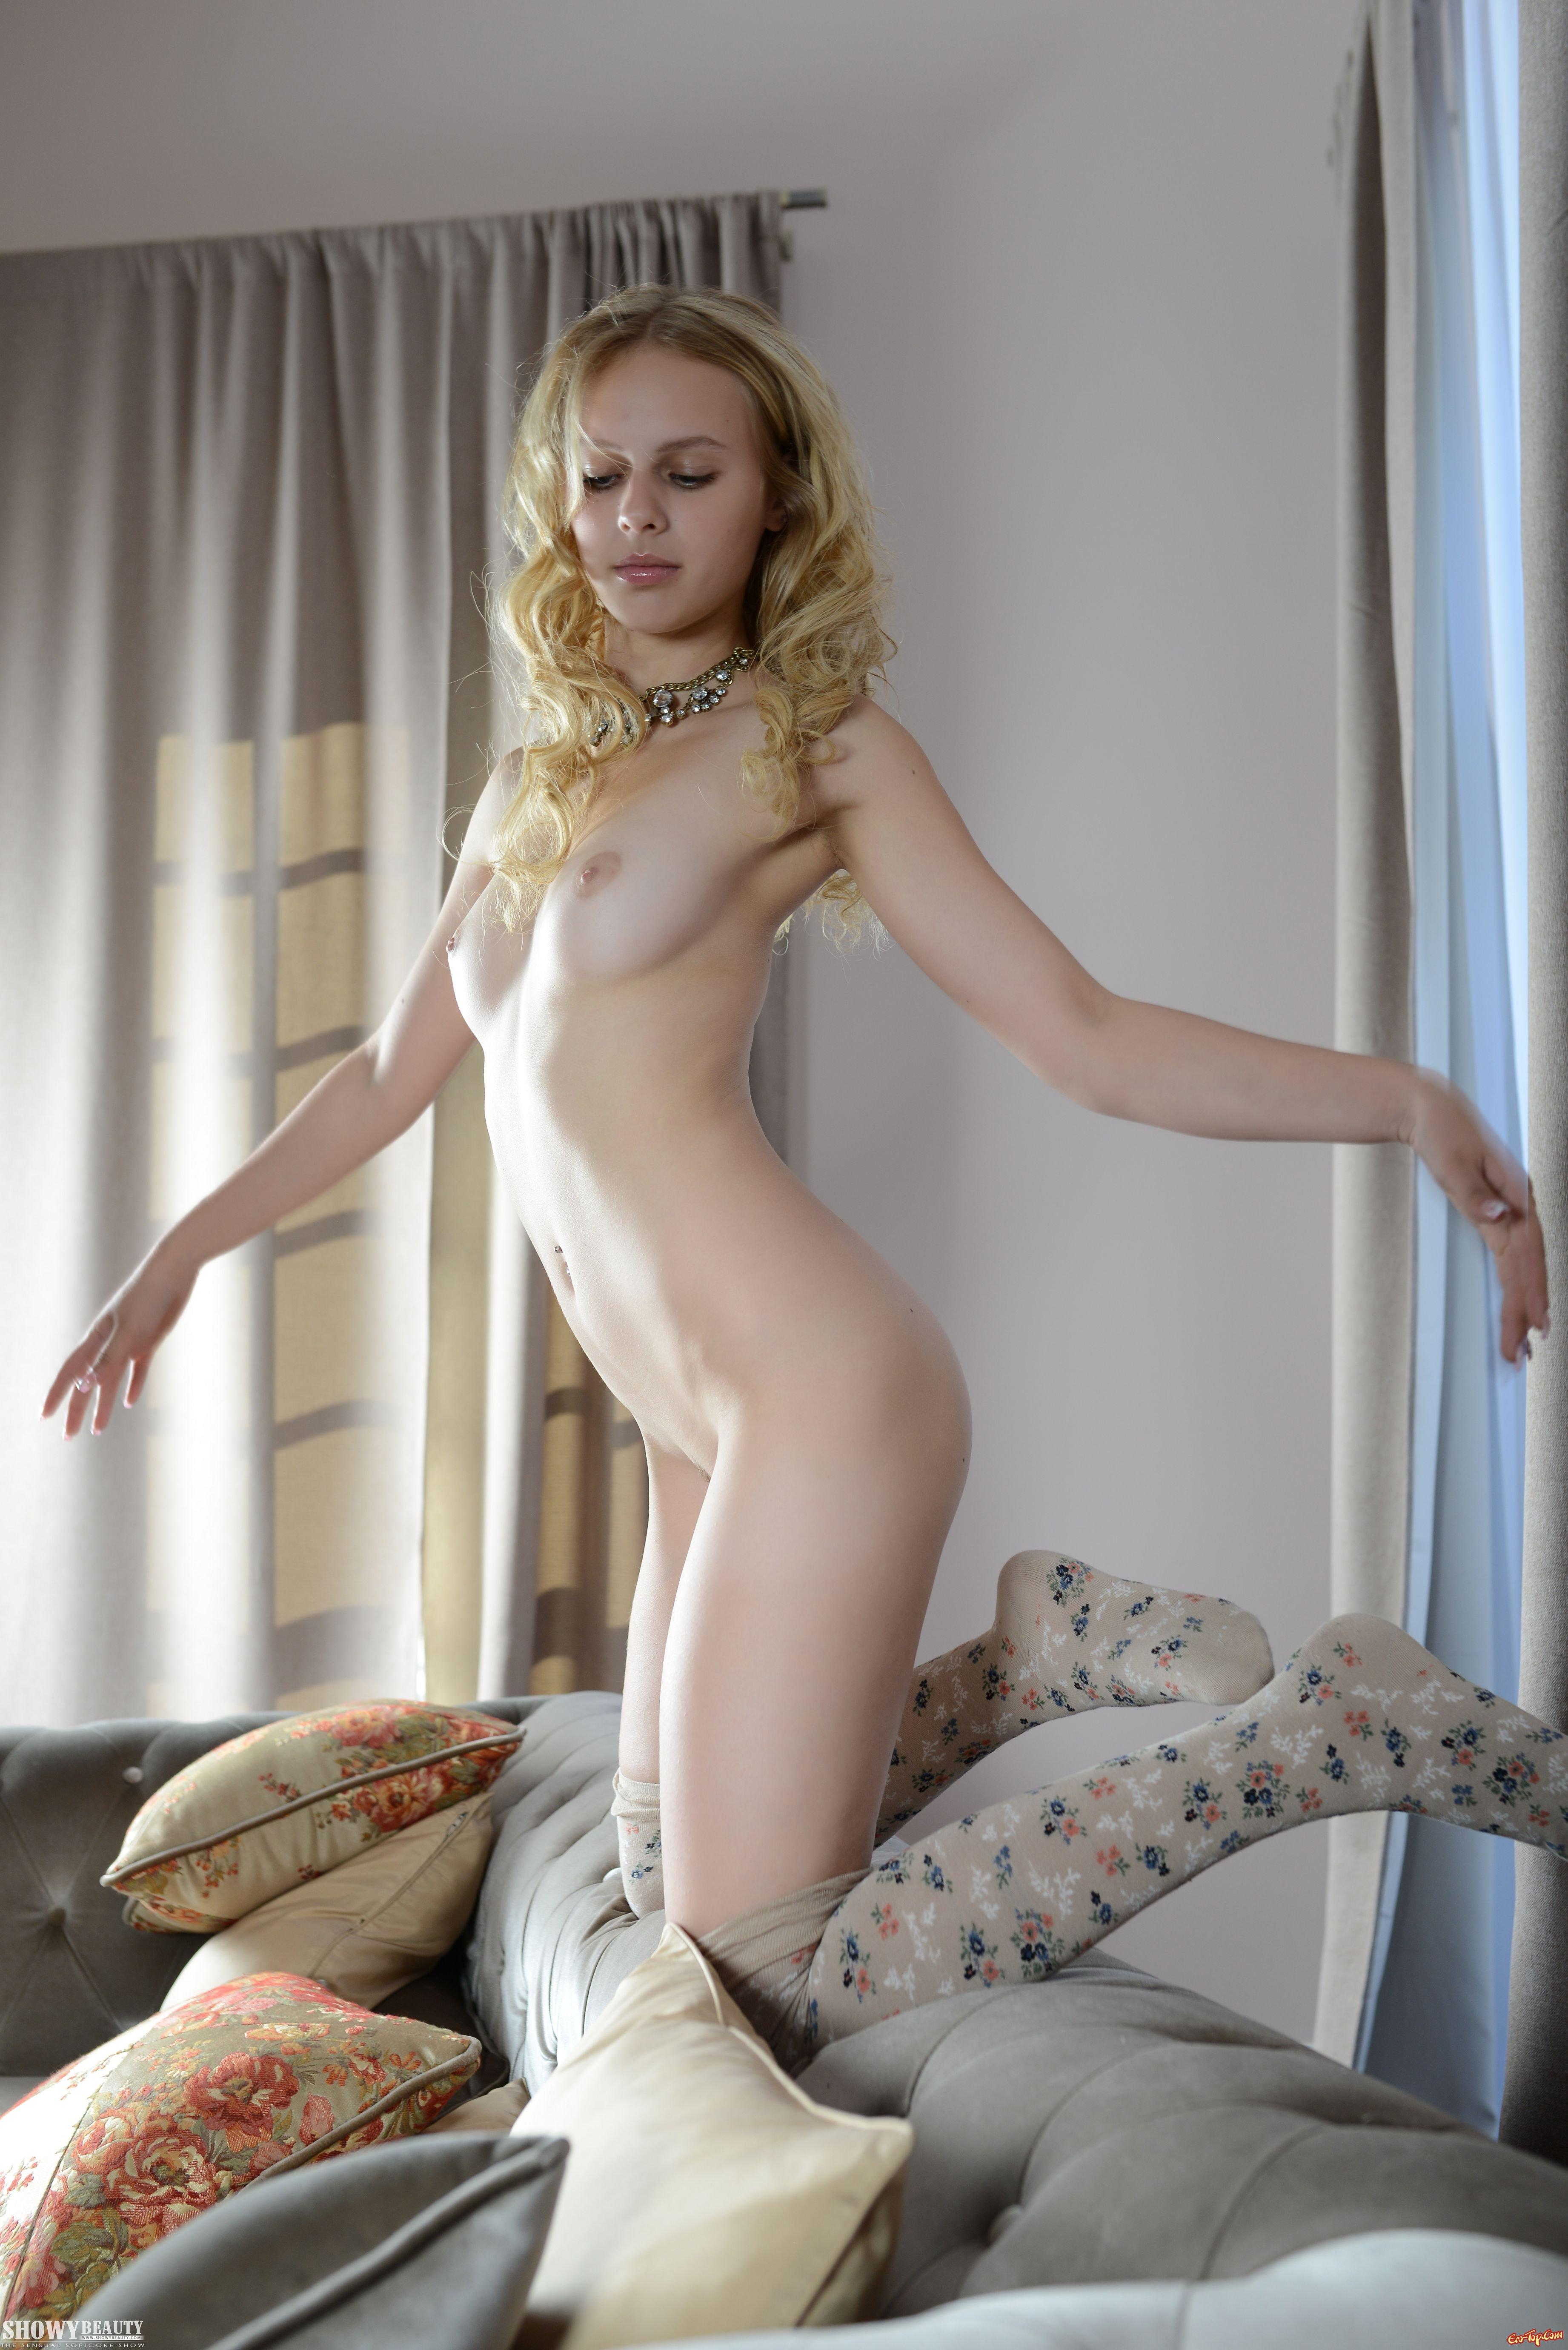 Обнаженная блонди с хорошеньким телом